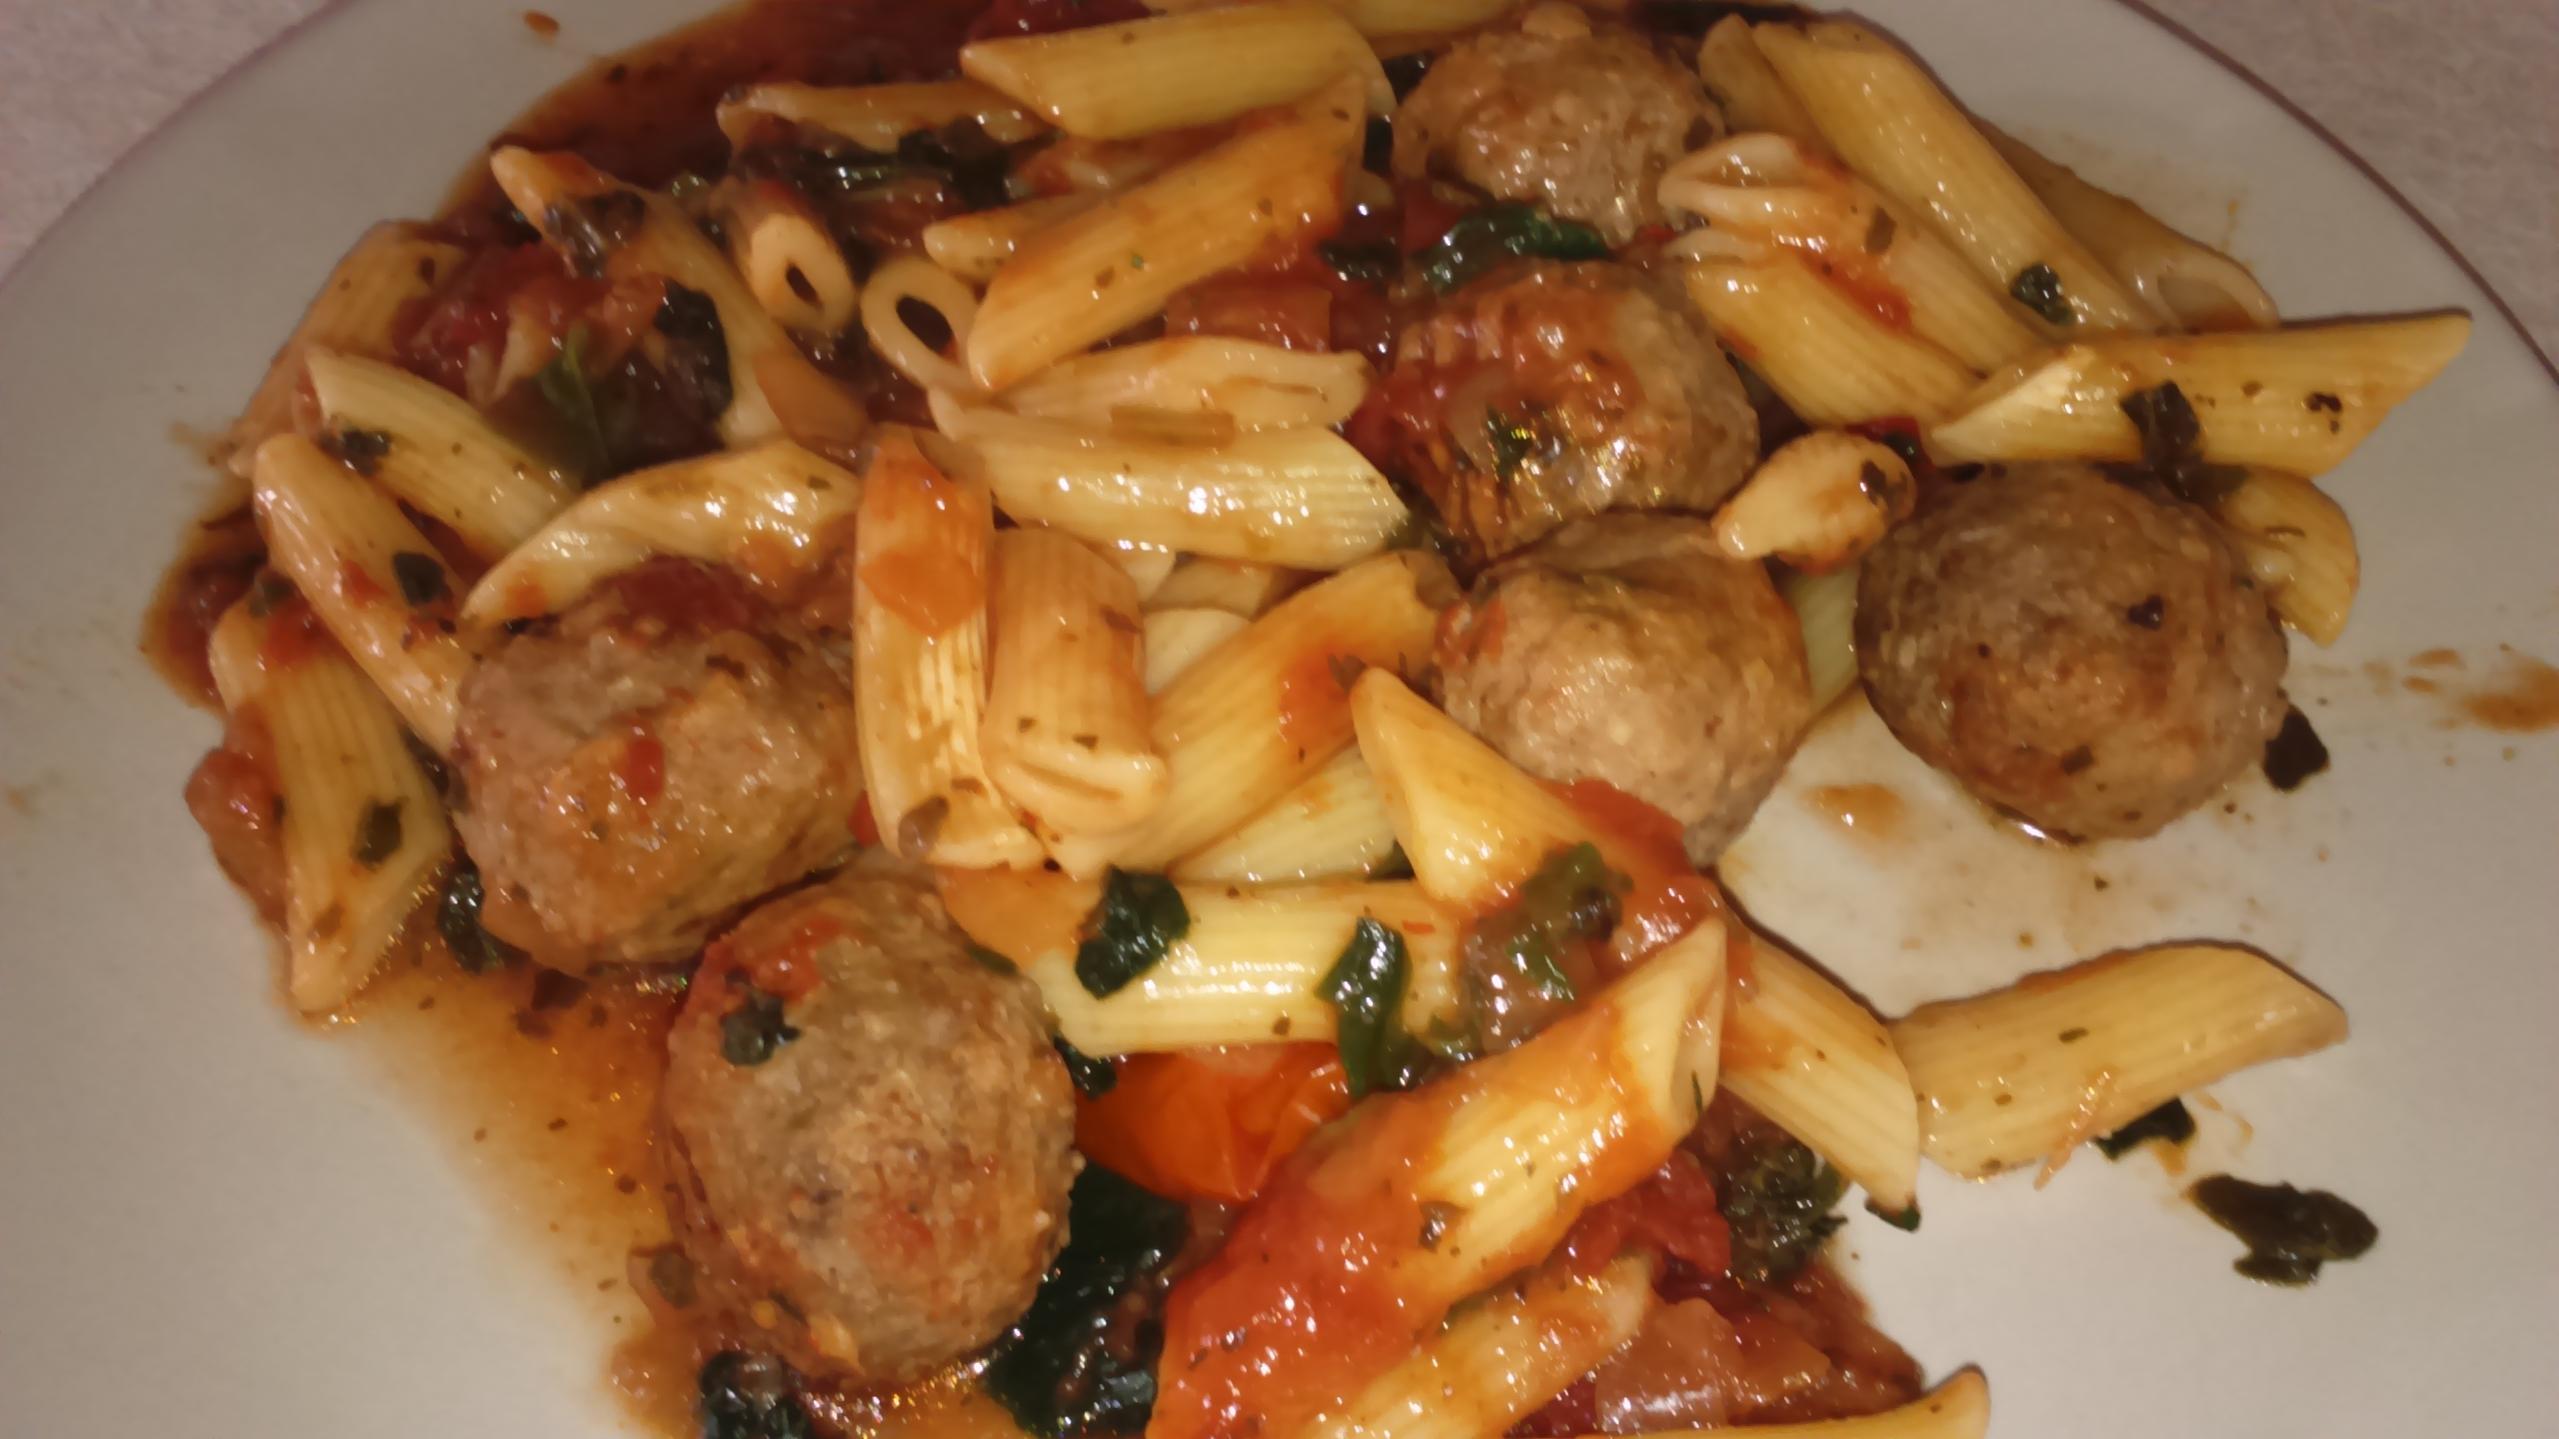 SW Frozen Meals - Meatballs and Pasta-dsc_0001-1-.jpg